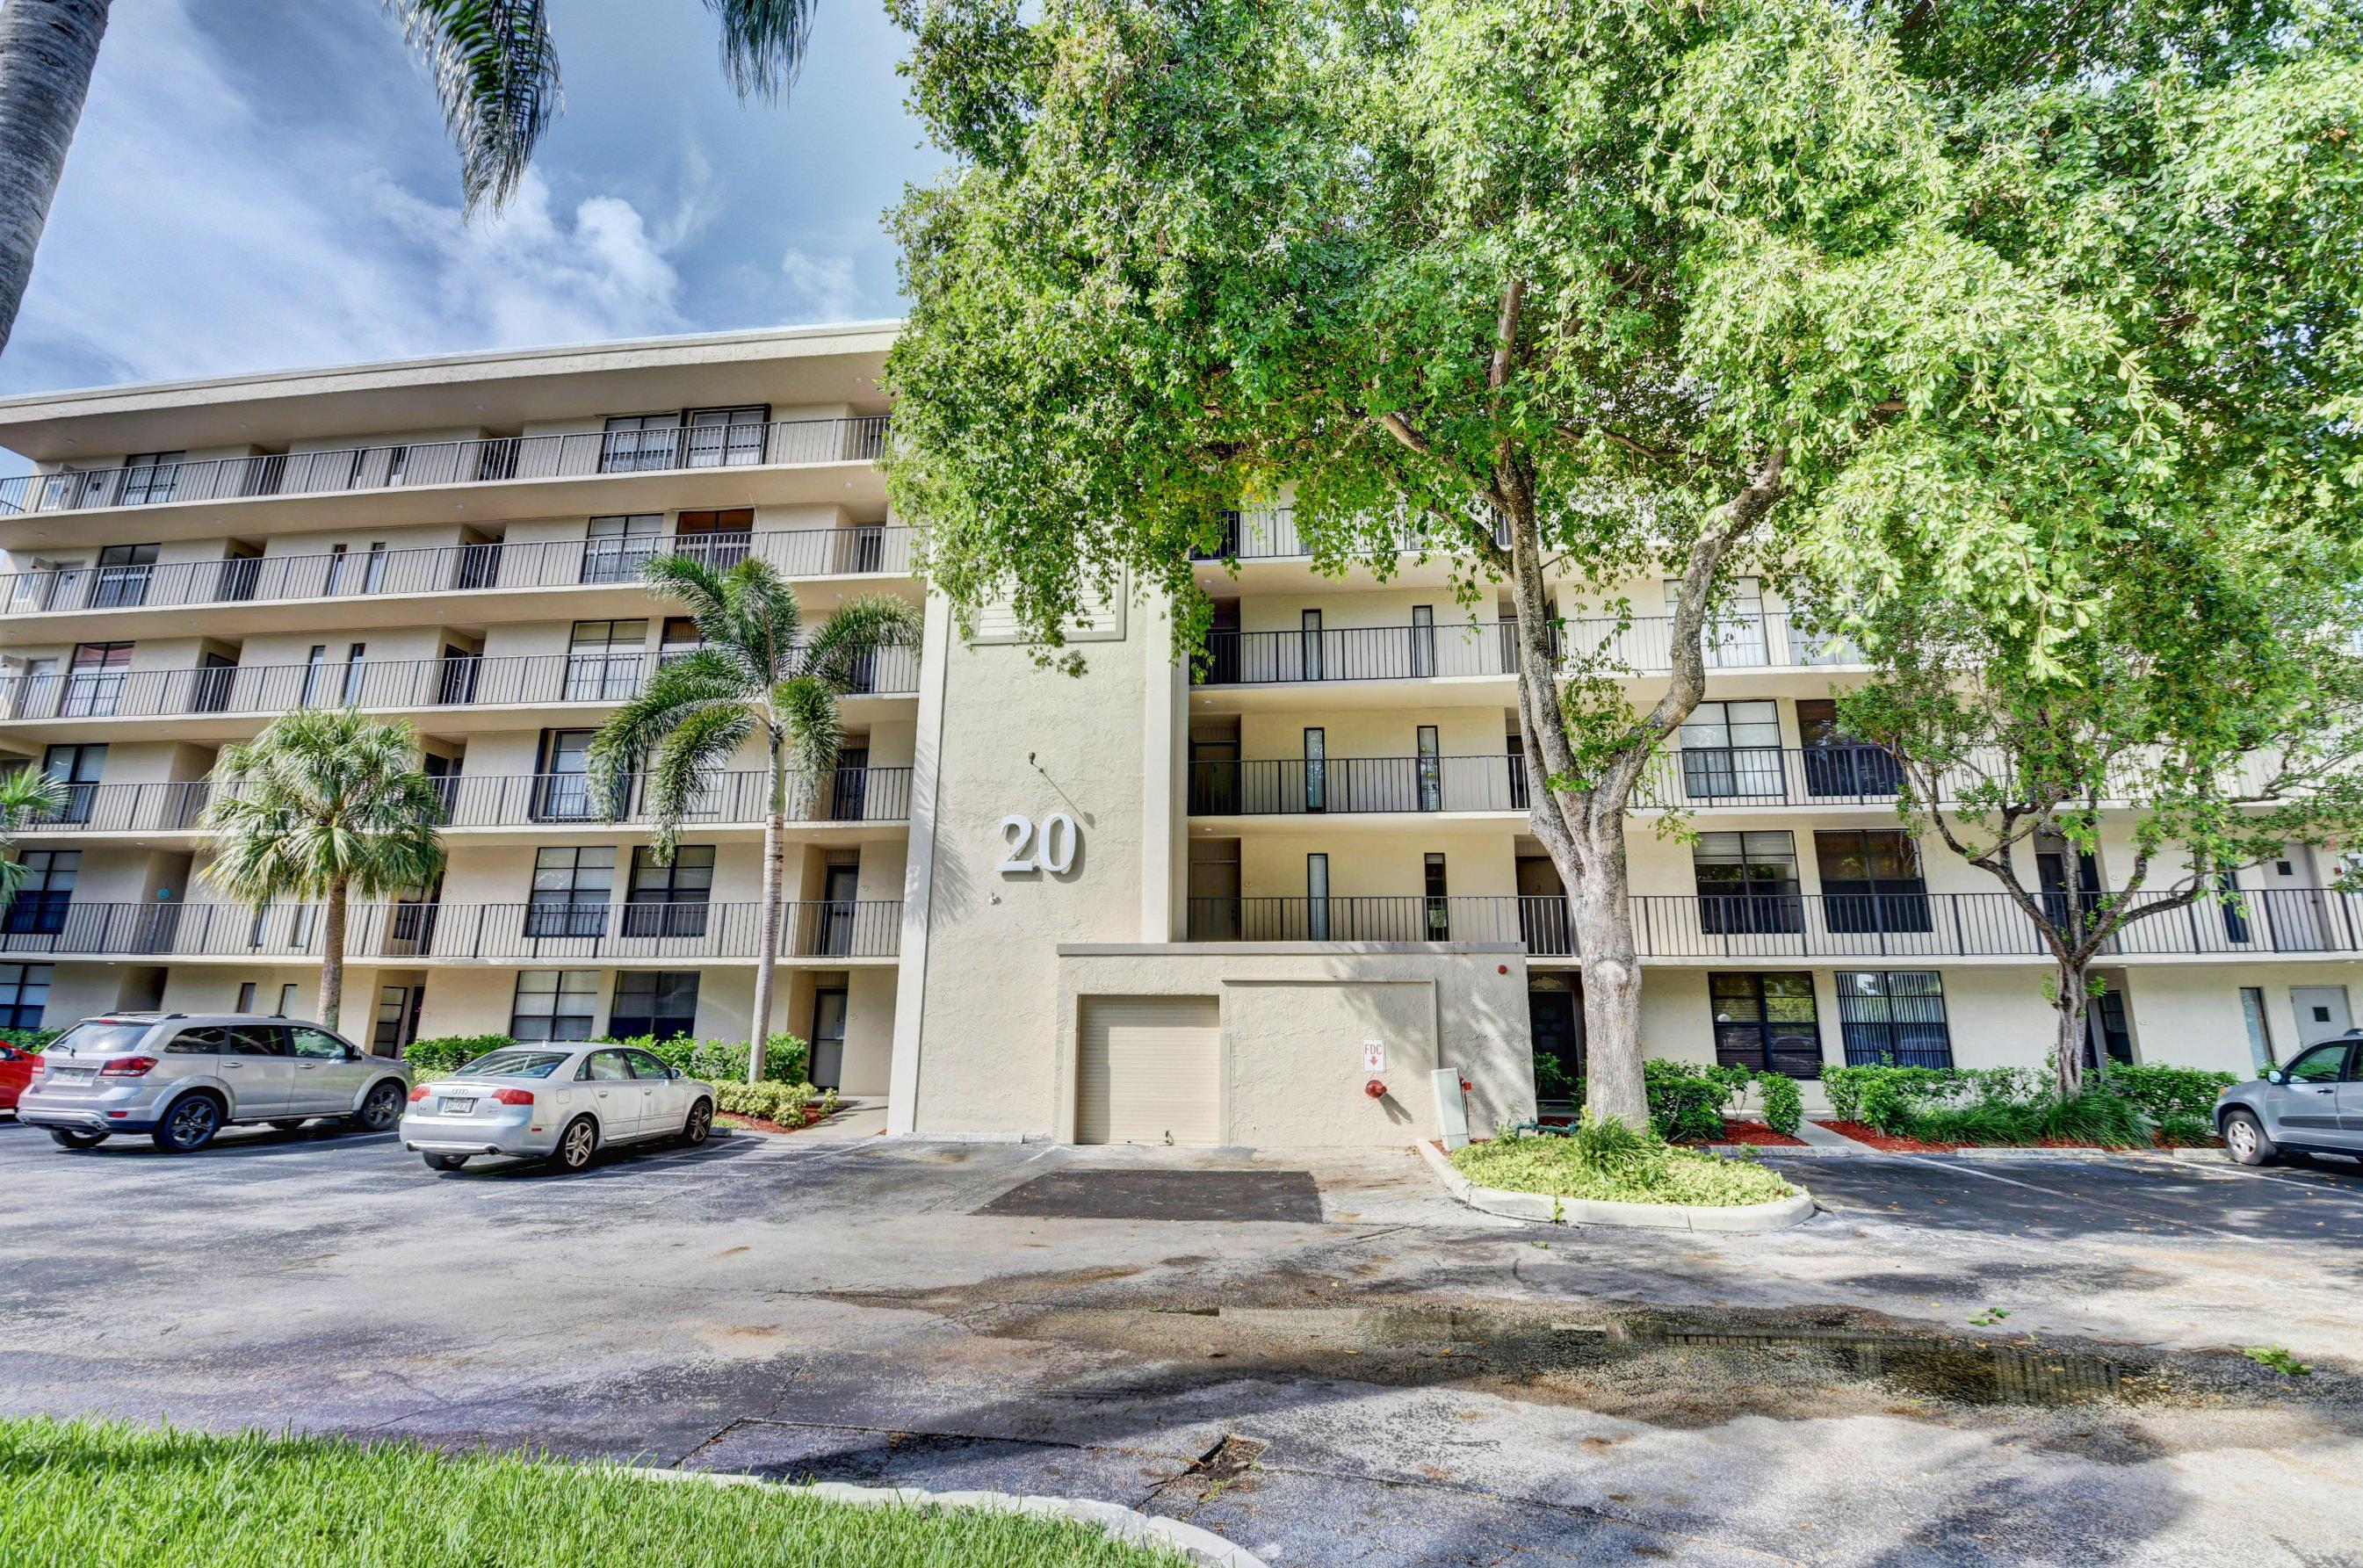 20 Royal Palm Way #503 Boca Raton, FL 33432